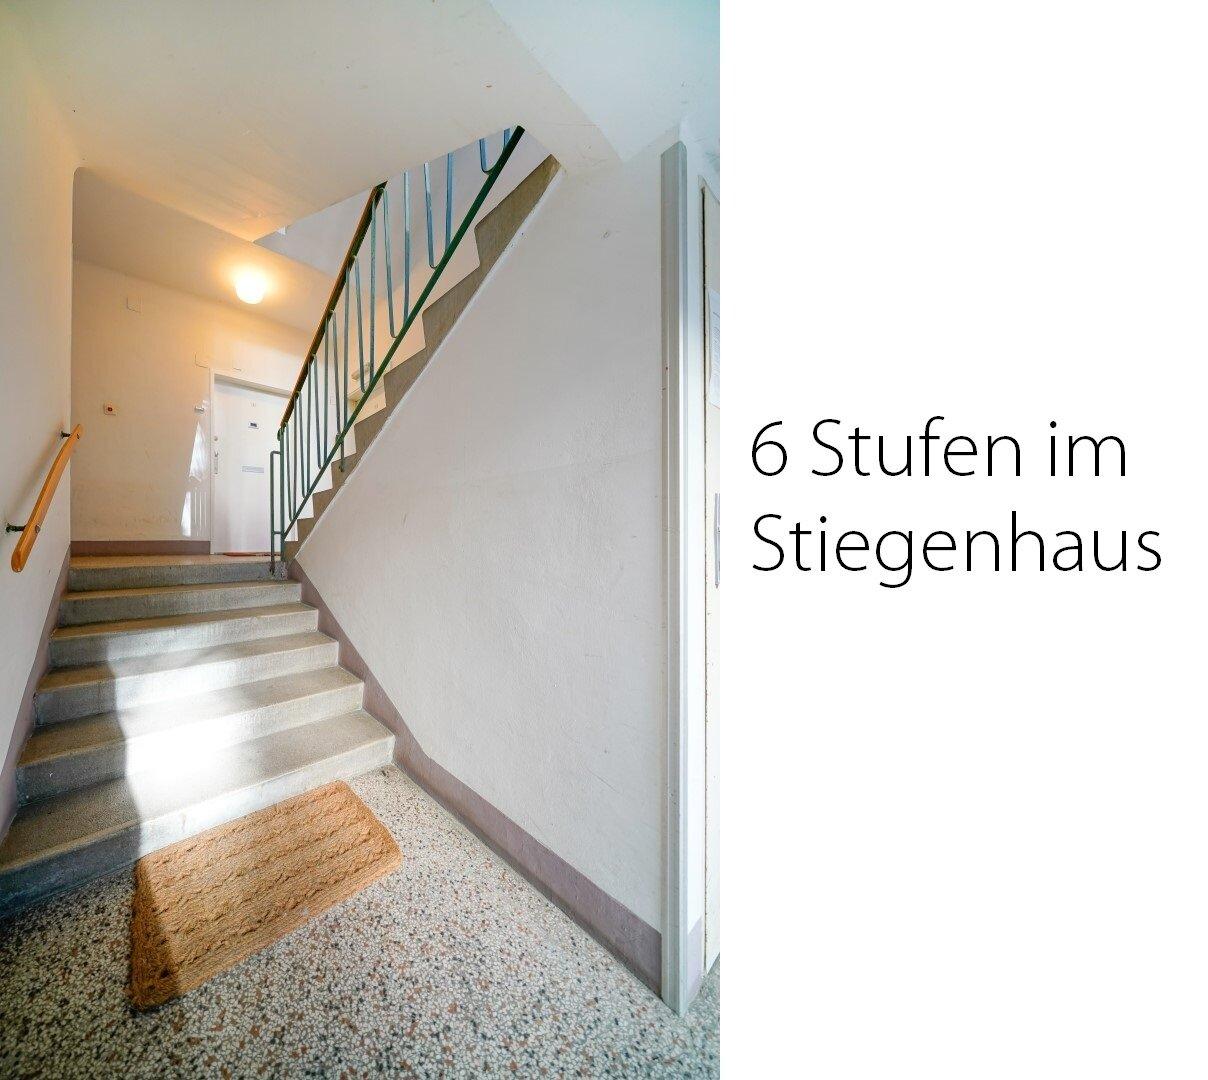 6 Stufen im Stiegenhaus